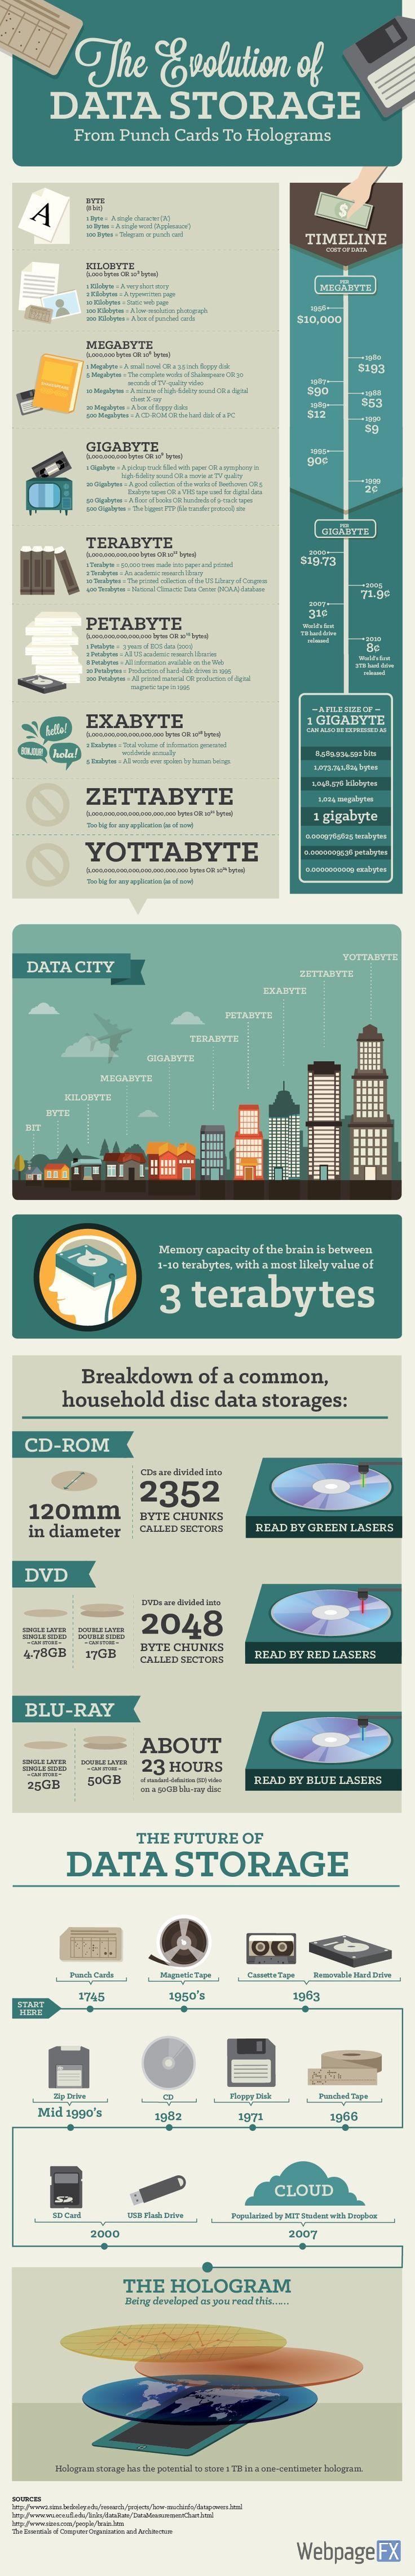 Infografik: Evolution der Datenspeicher von der Punch Card bis zum Hologramm – Anke danke